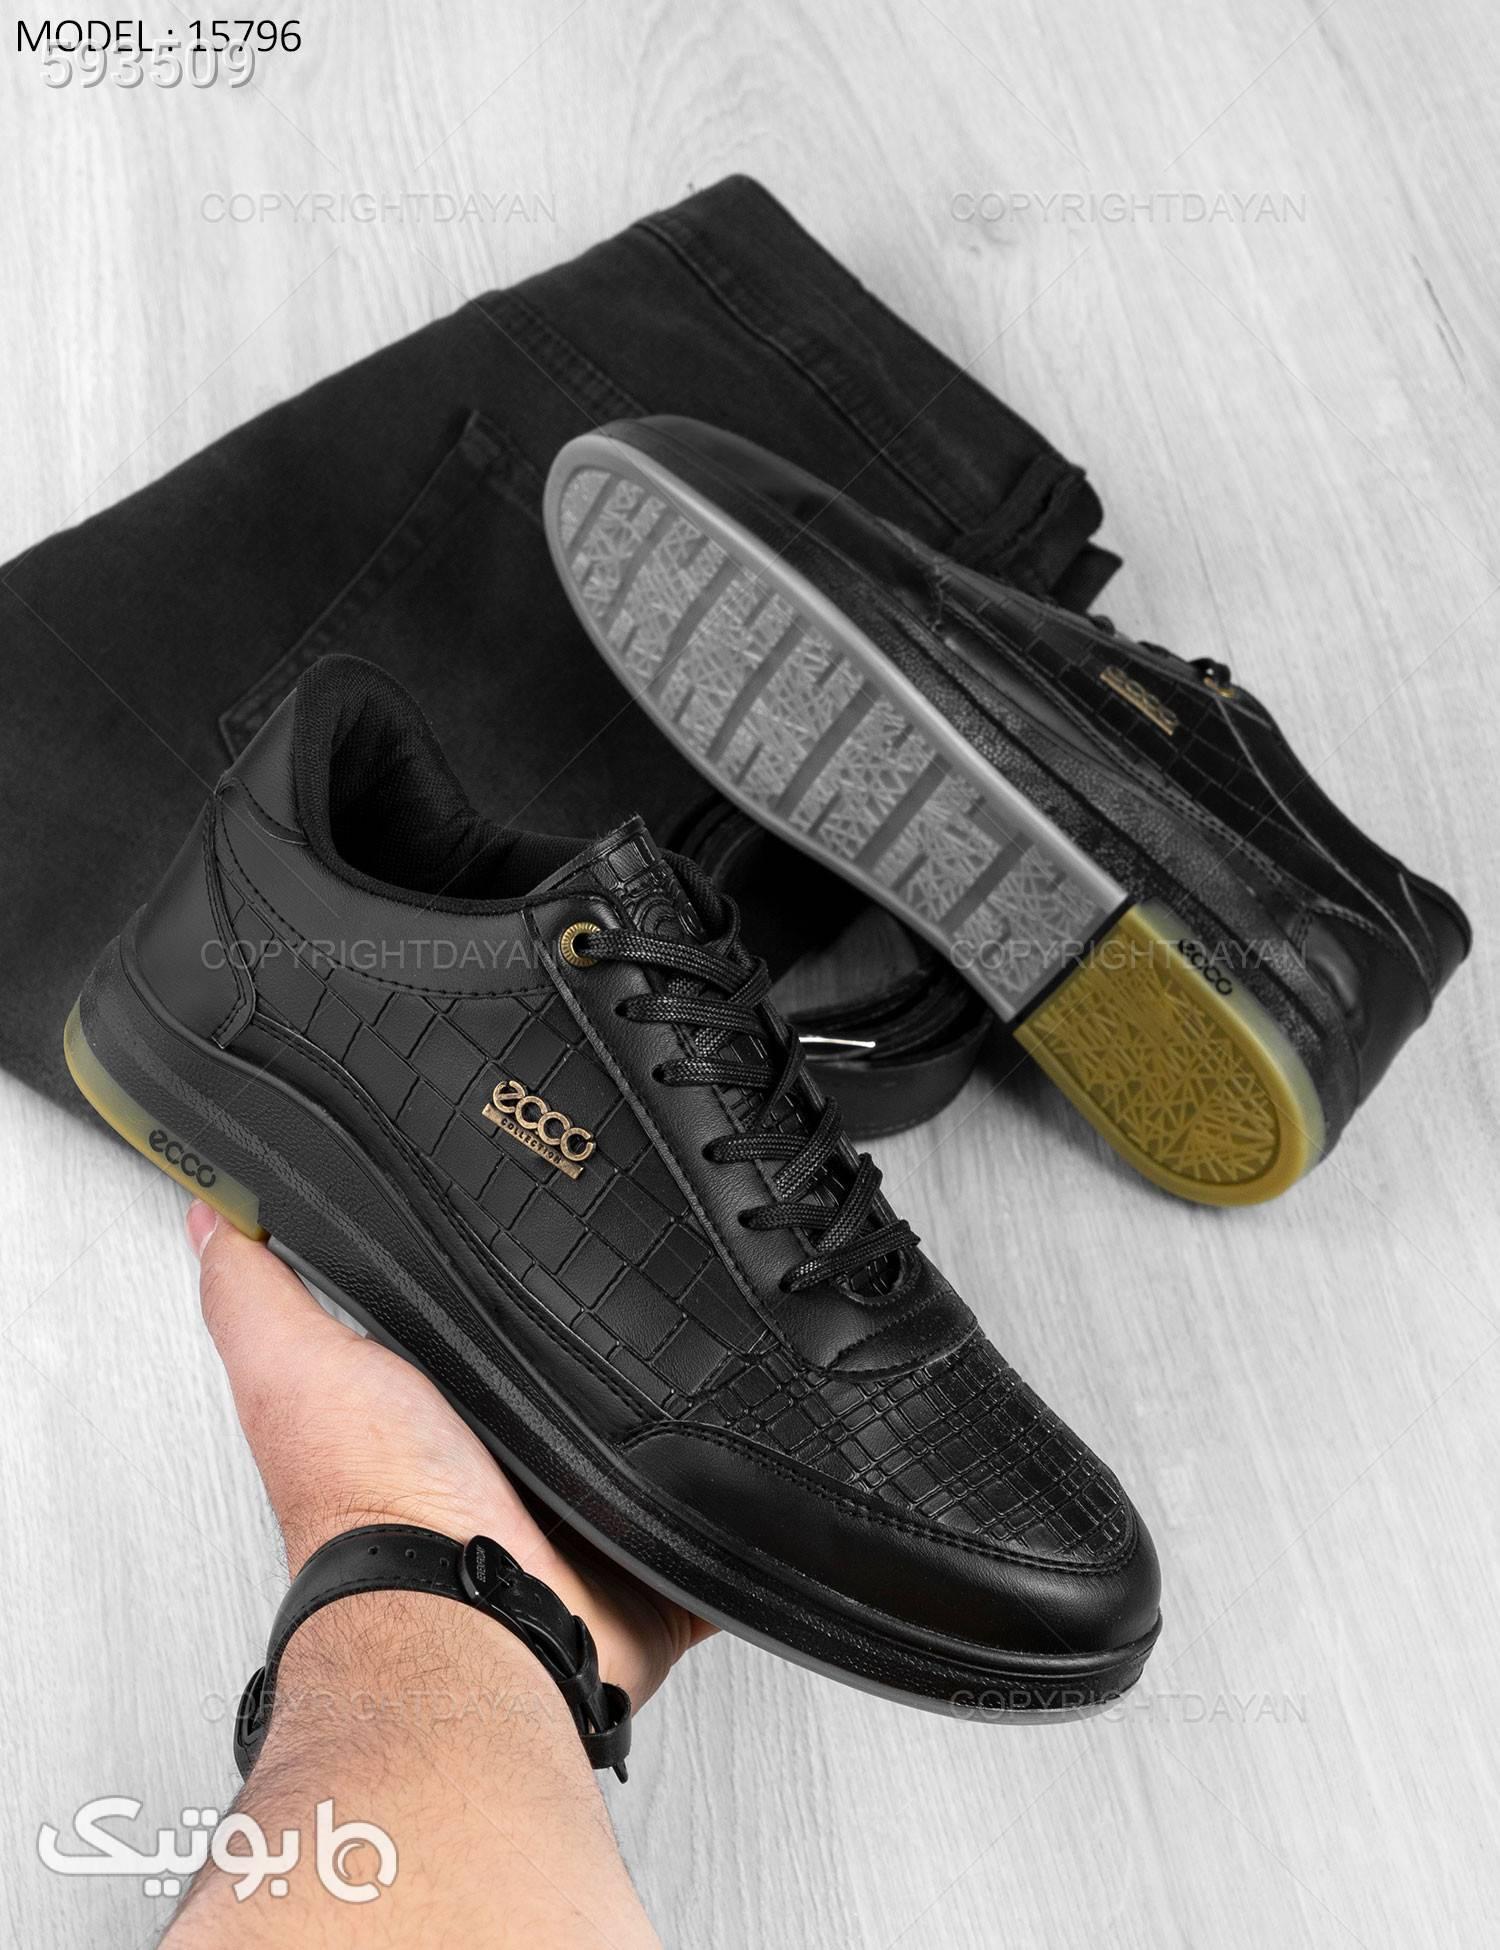 کفش مردانه Ecco مدل 15796 مشکی كفش مردانه